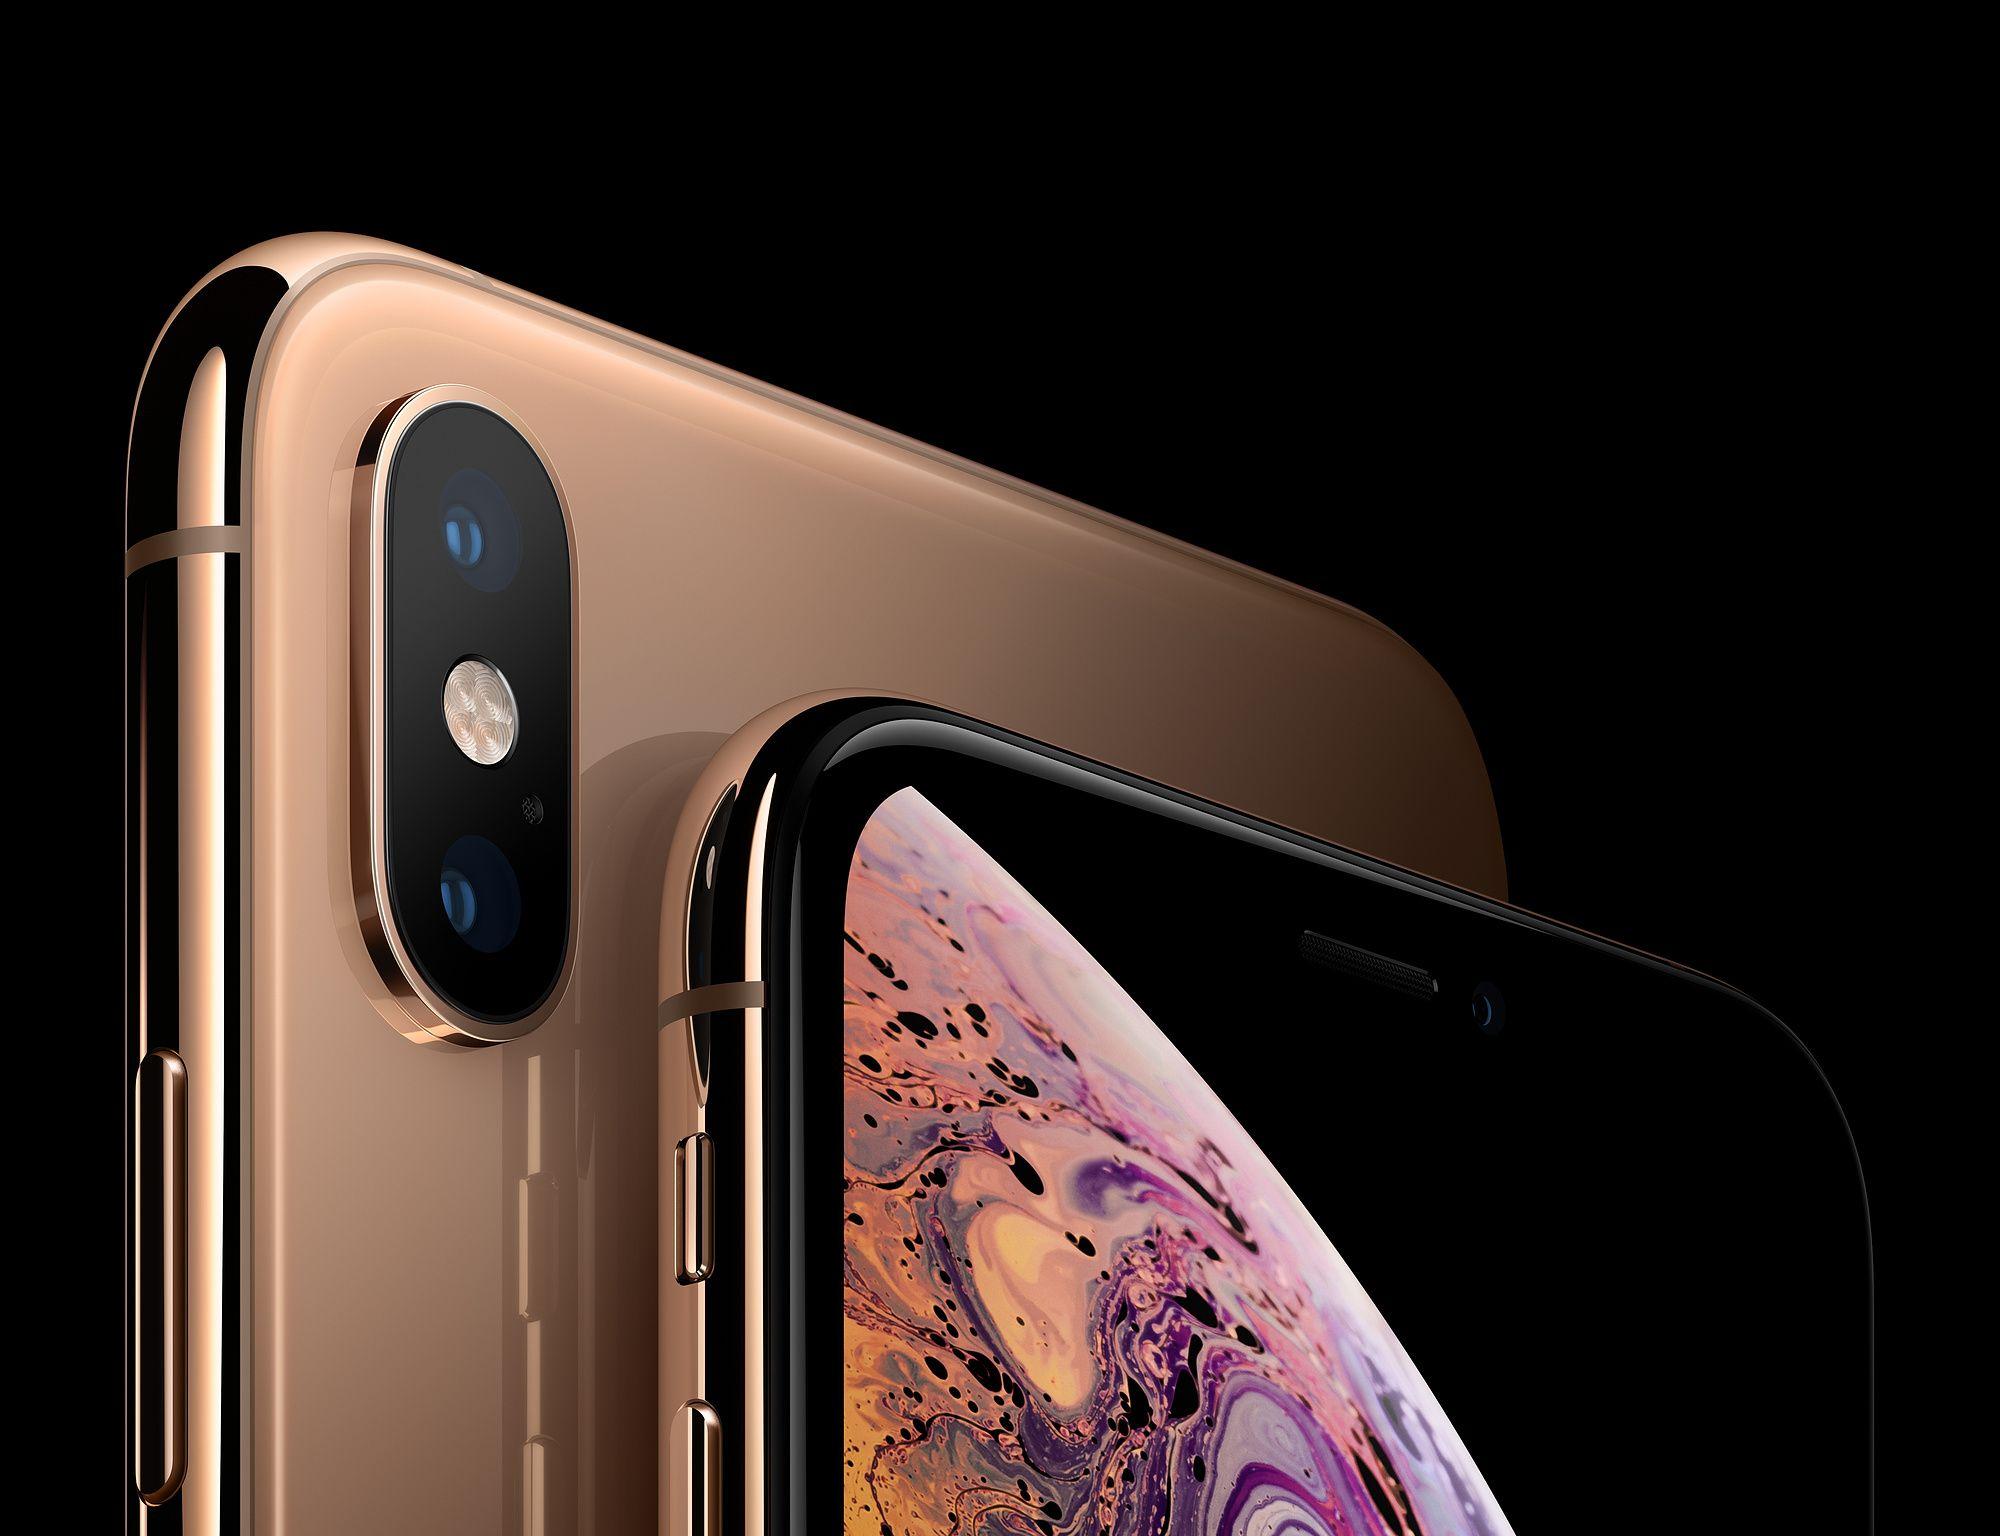 Iphone xs max costa una fortuna ma non per apple ecco for Quanto costa una macchina per cucire